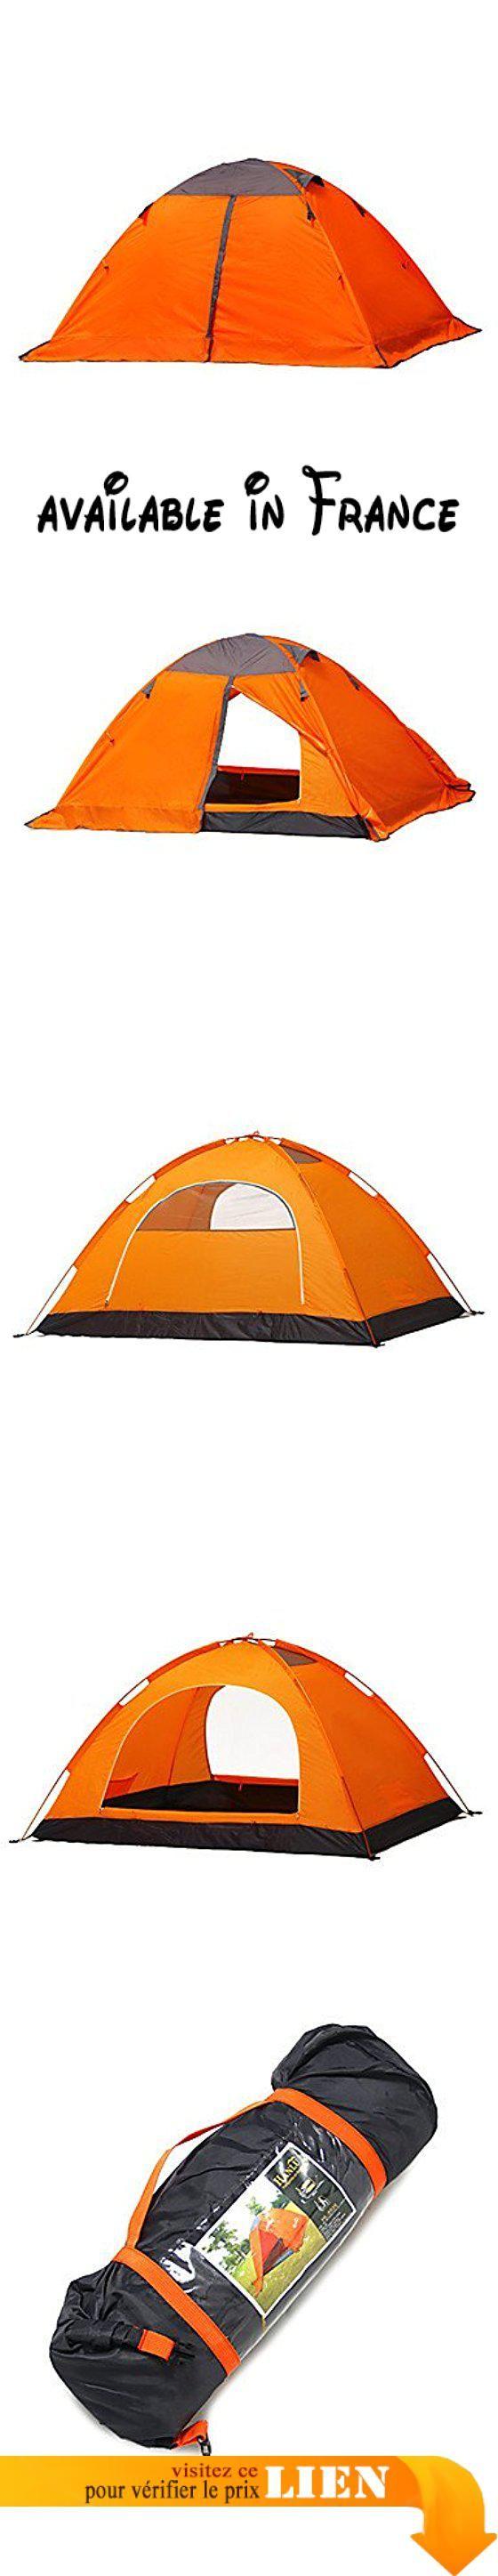 B077BZ7L6G : 3-4 personnes Tente Double Tente pliable Une pièce Tente de camping 2000-3000 mm Camping Voyage-  orange. Facile à mettre la tente de haut en bas! Excellente performance coupe-vent et étanche.. Optimum pour les campeurs en tournée ou les fins de semaine. Conception résiliente et solide avec espace de vie et de sommeil séparé. Tentes Four Seasons adaptées pour le camping la randonnée la pêche et d'autres sports de plein air.. Remarque: N'utilisez